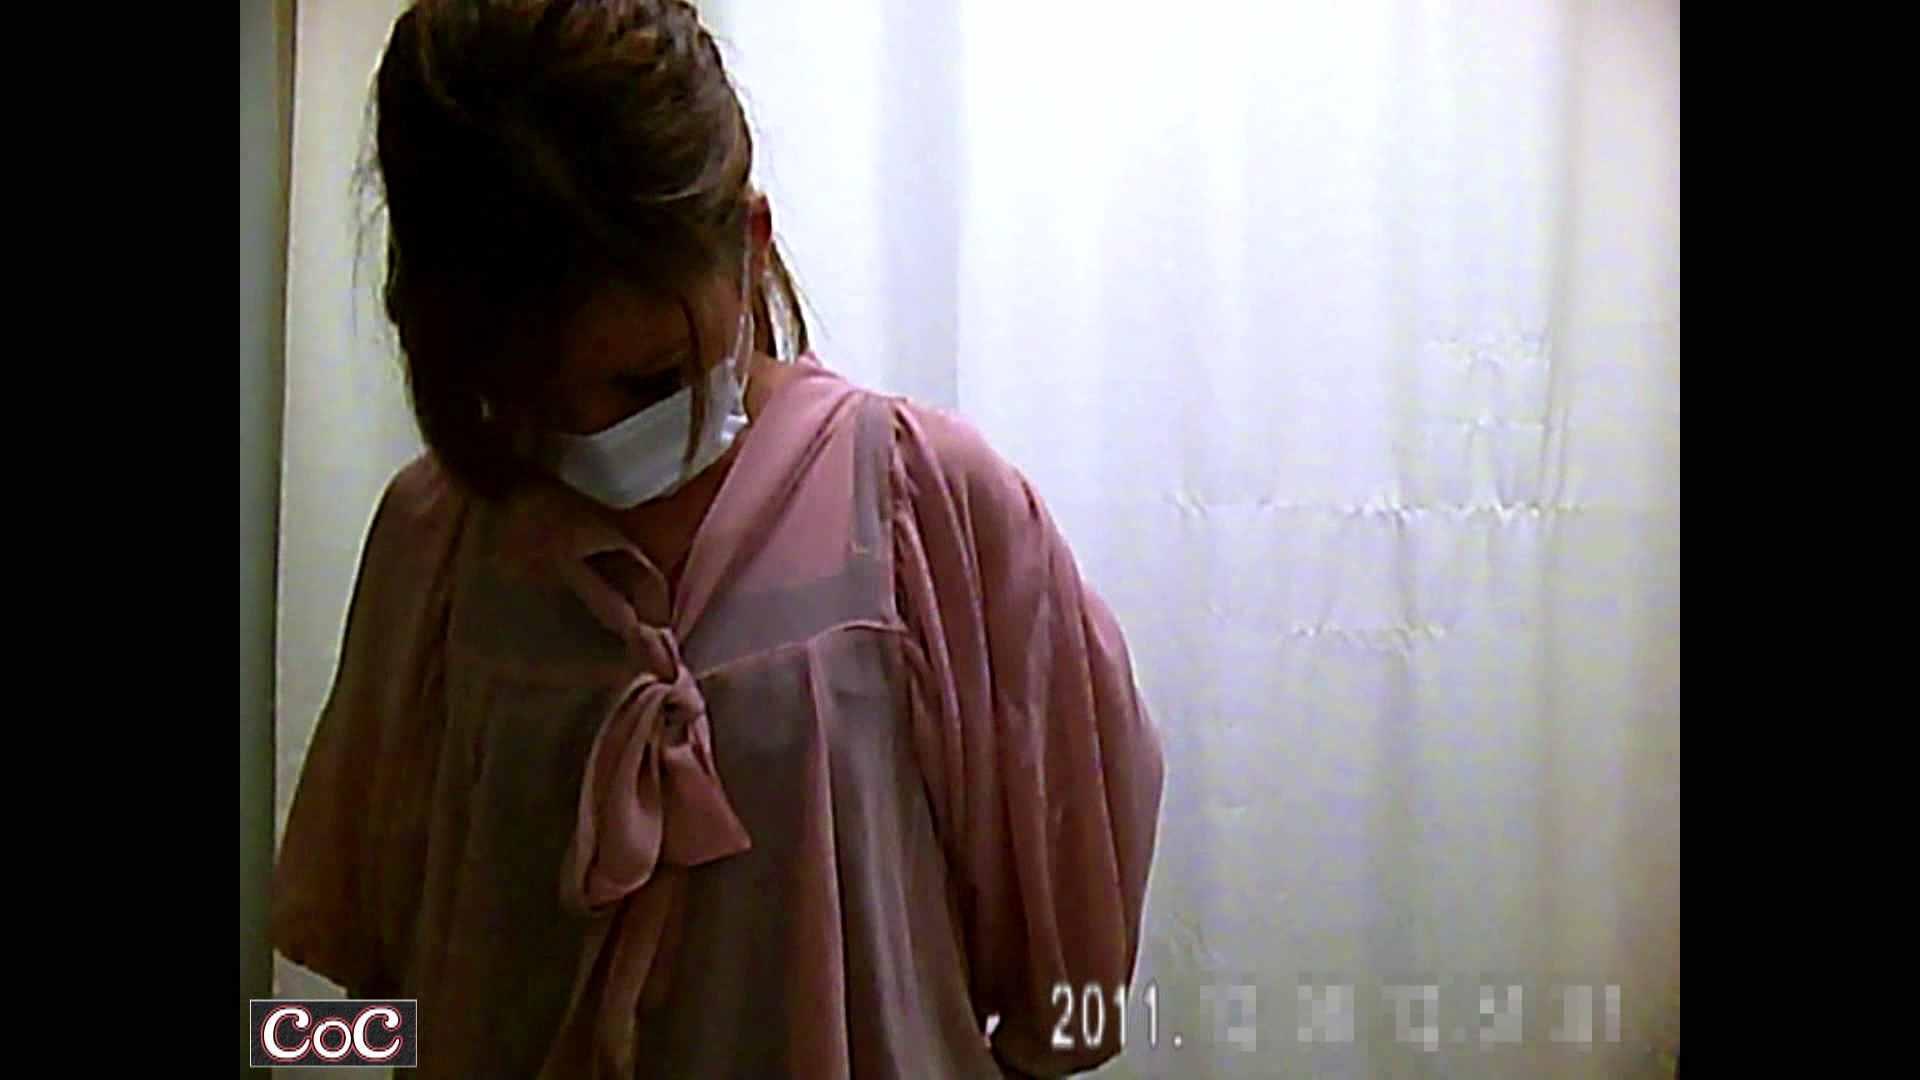 元医者による反抗 更衣室地獄絵巻 vol.180 OL | 0  85連発 43